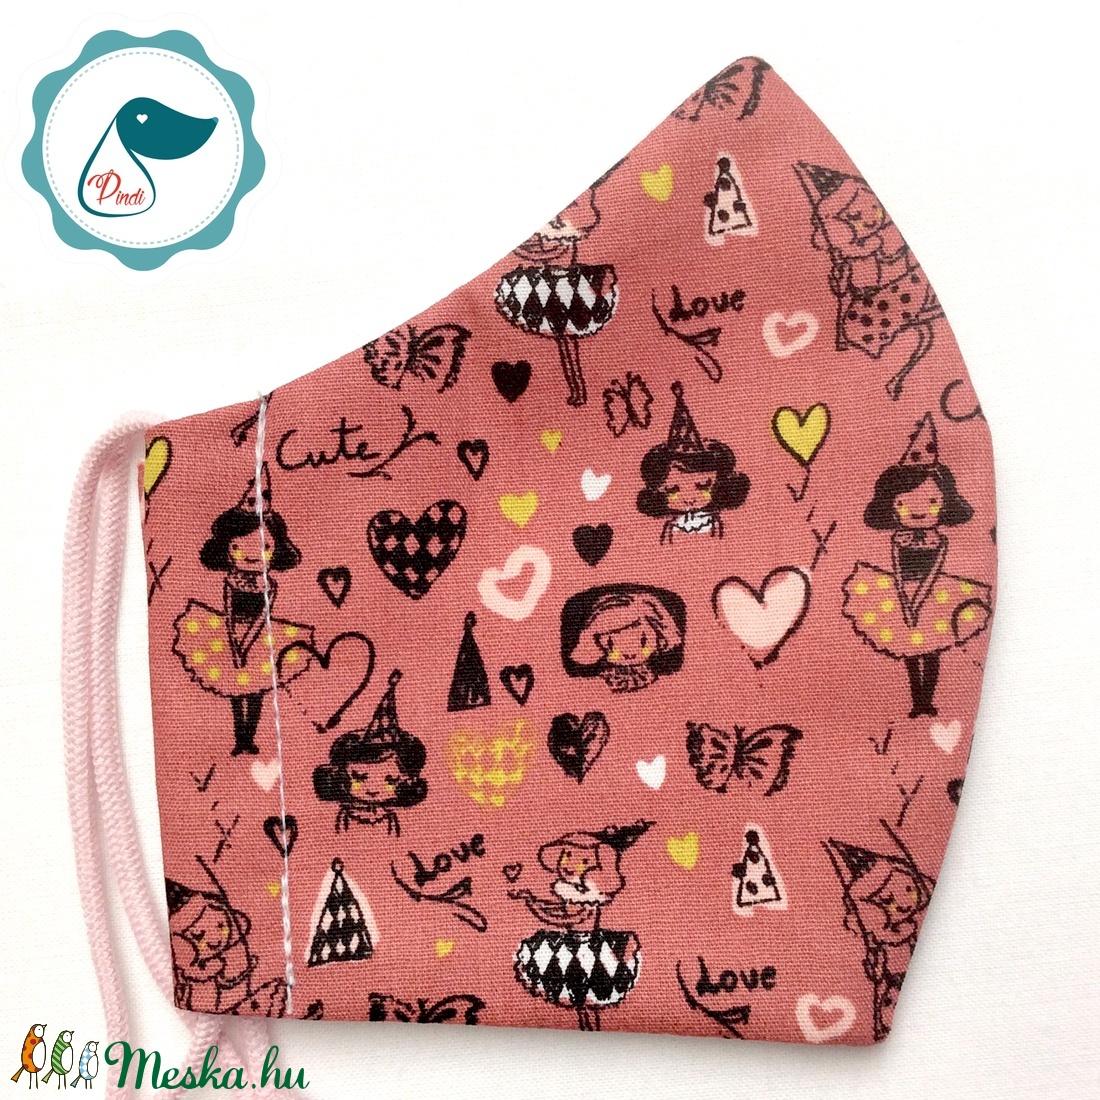 Egyedi mályva kislány mintás maszk -  gyerek arcmaszk - textil szájmaszk - egészségügyi szájmaszk - mosható szájmaszk - maszk, arcmaszk - női - Meska.hu